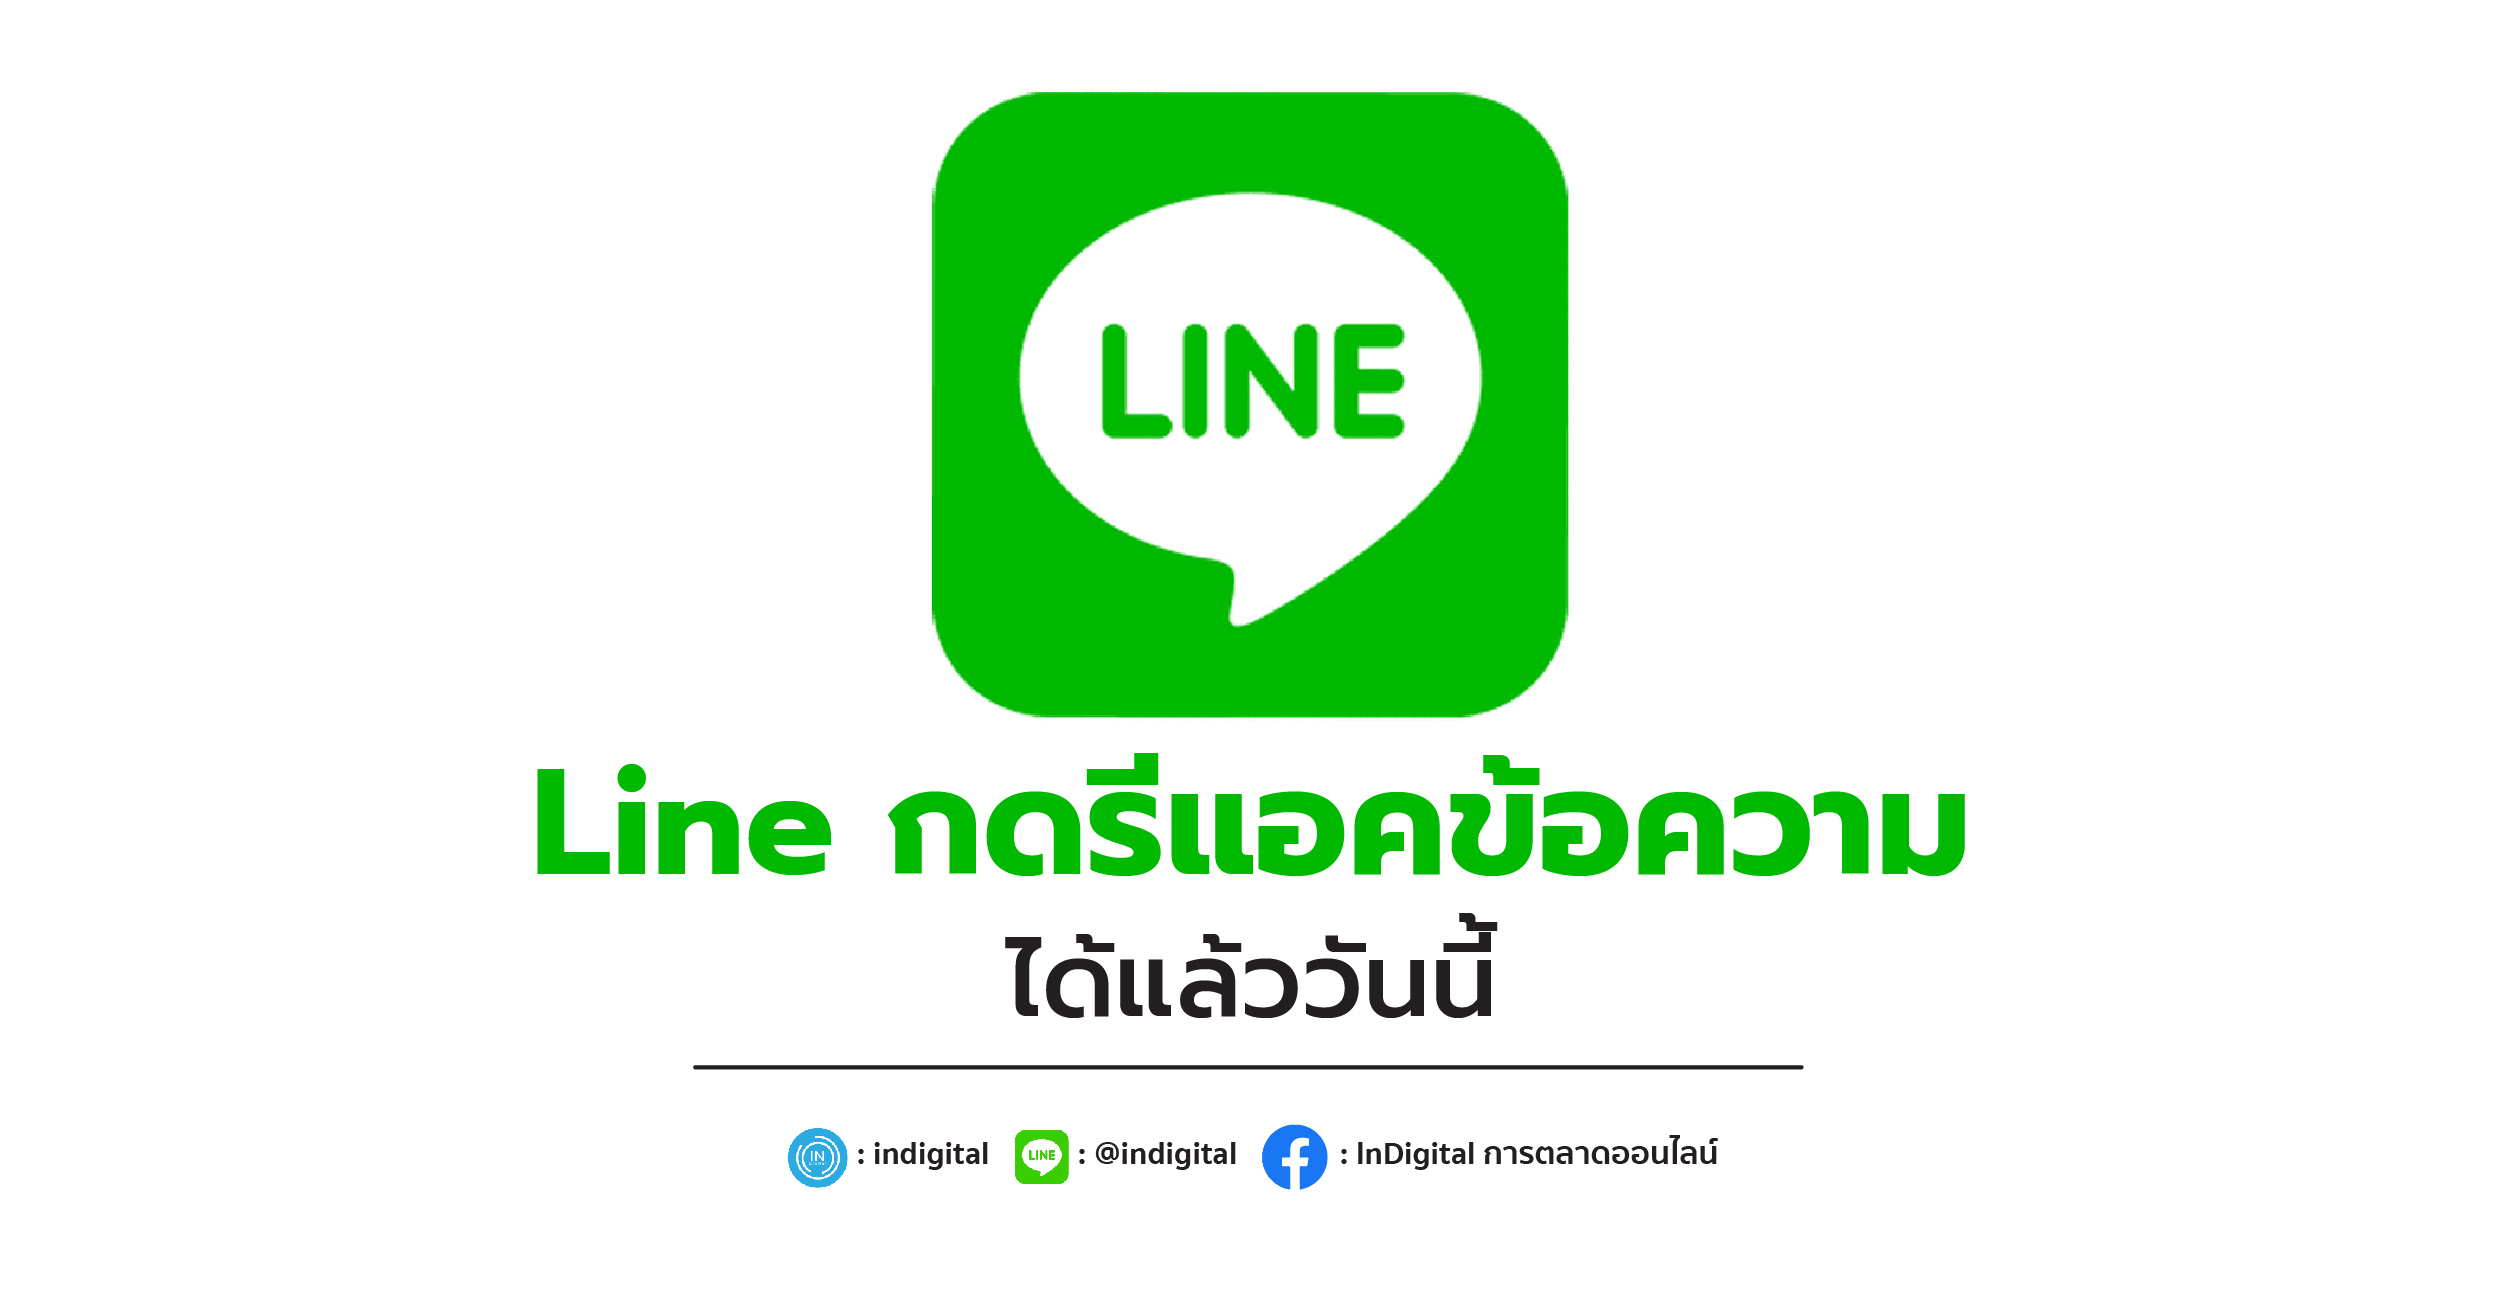 Line กดรีแอคข้อความได้แล้ววันนี้!